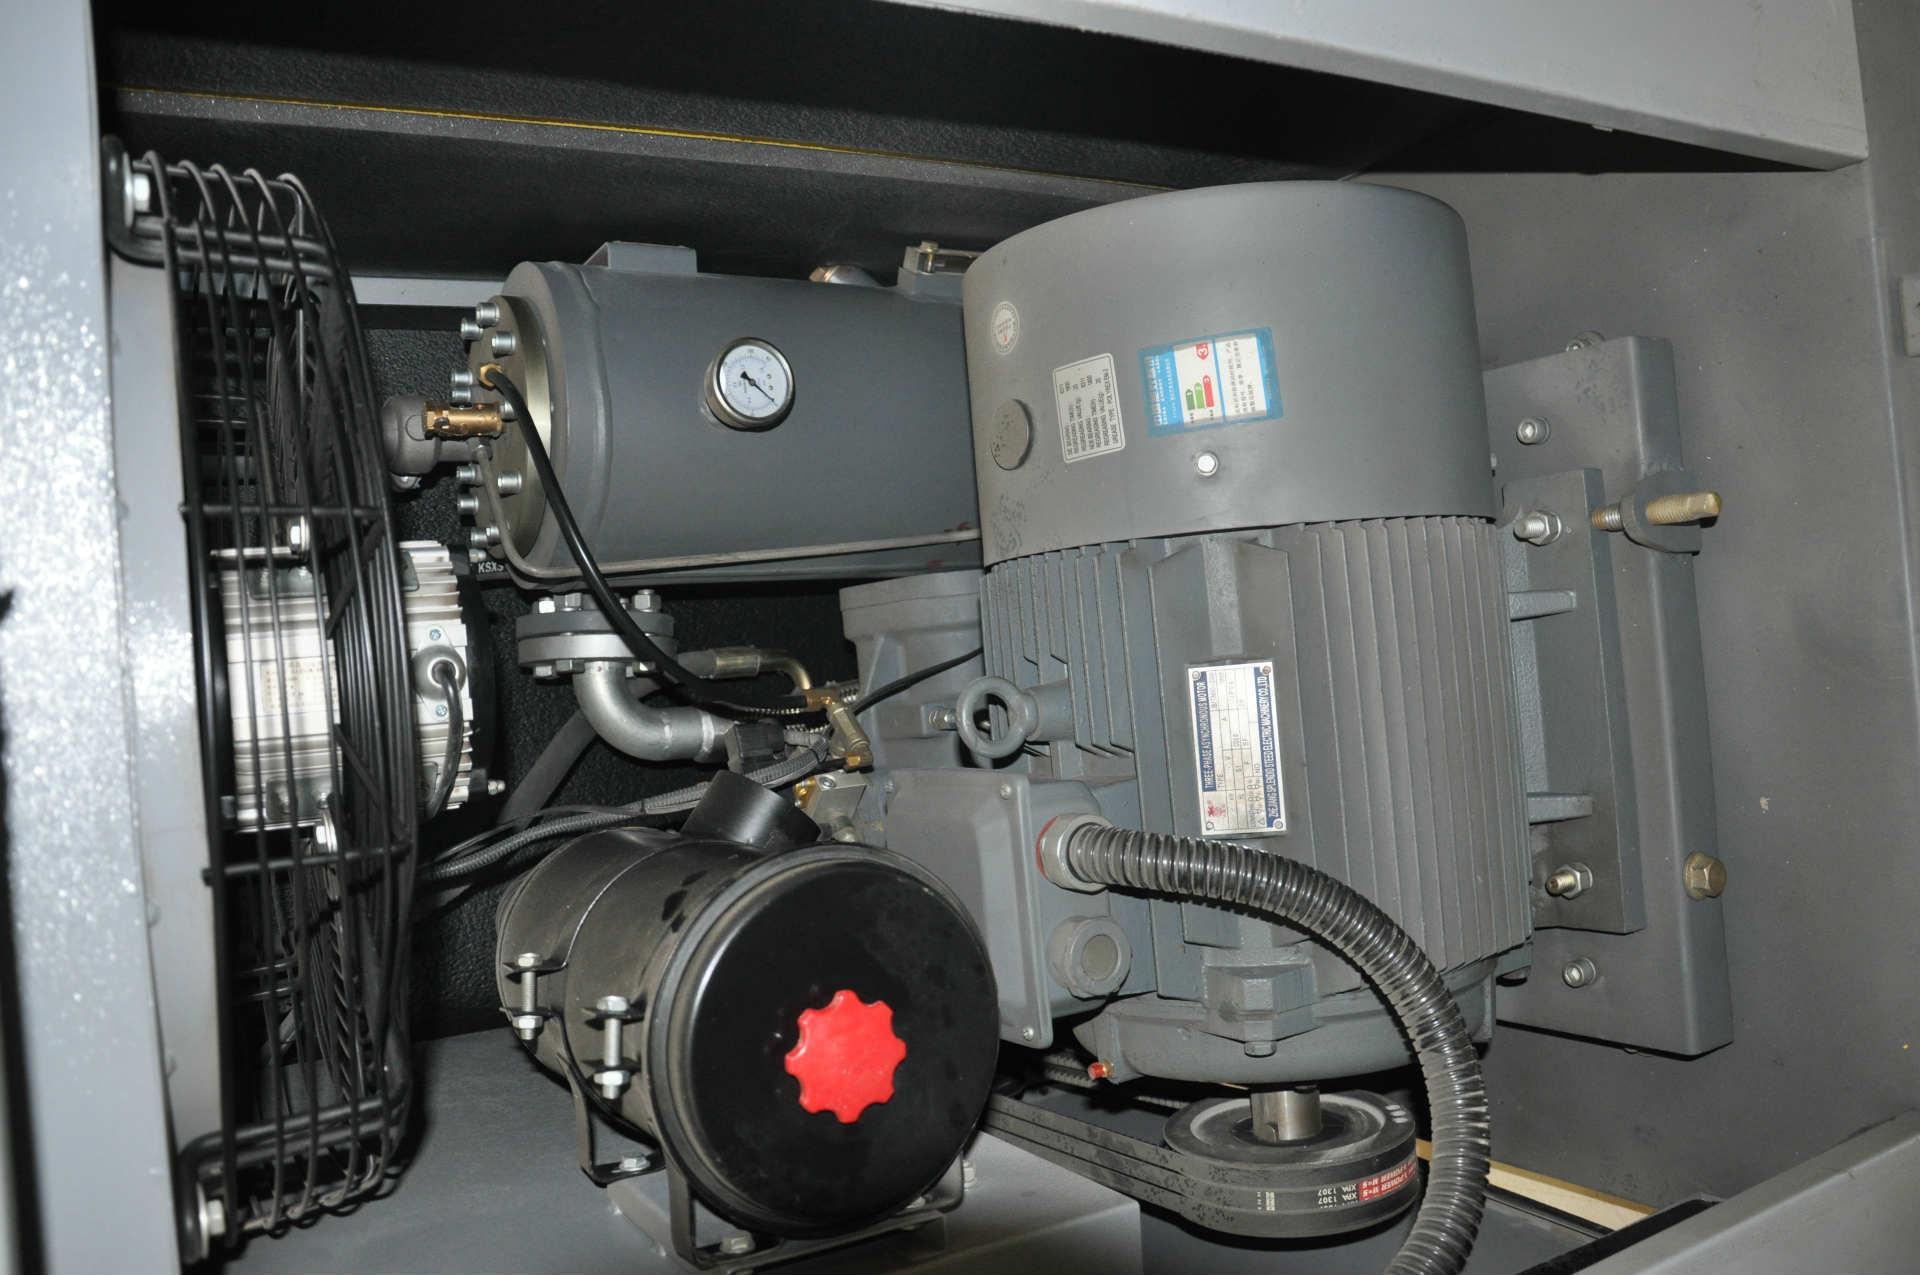 开山螺杆空压机现货批发 压缩气泵 37kw 湖南普瑞阿斯系列